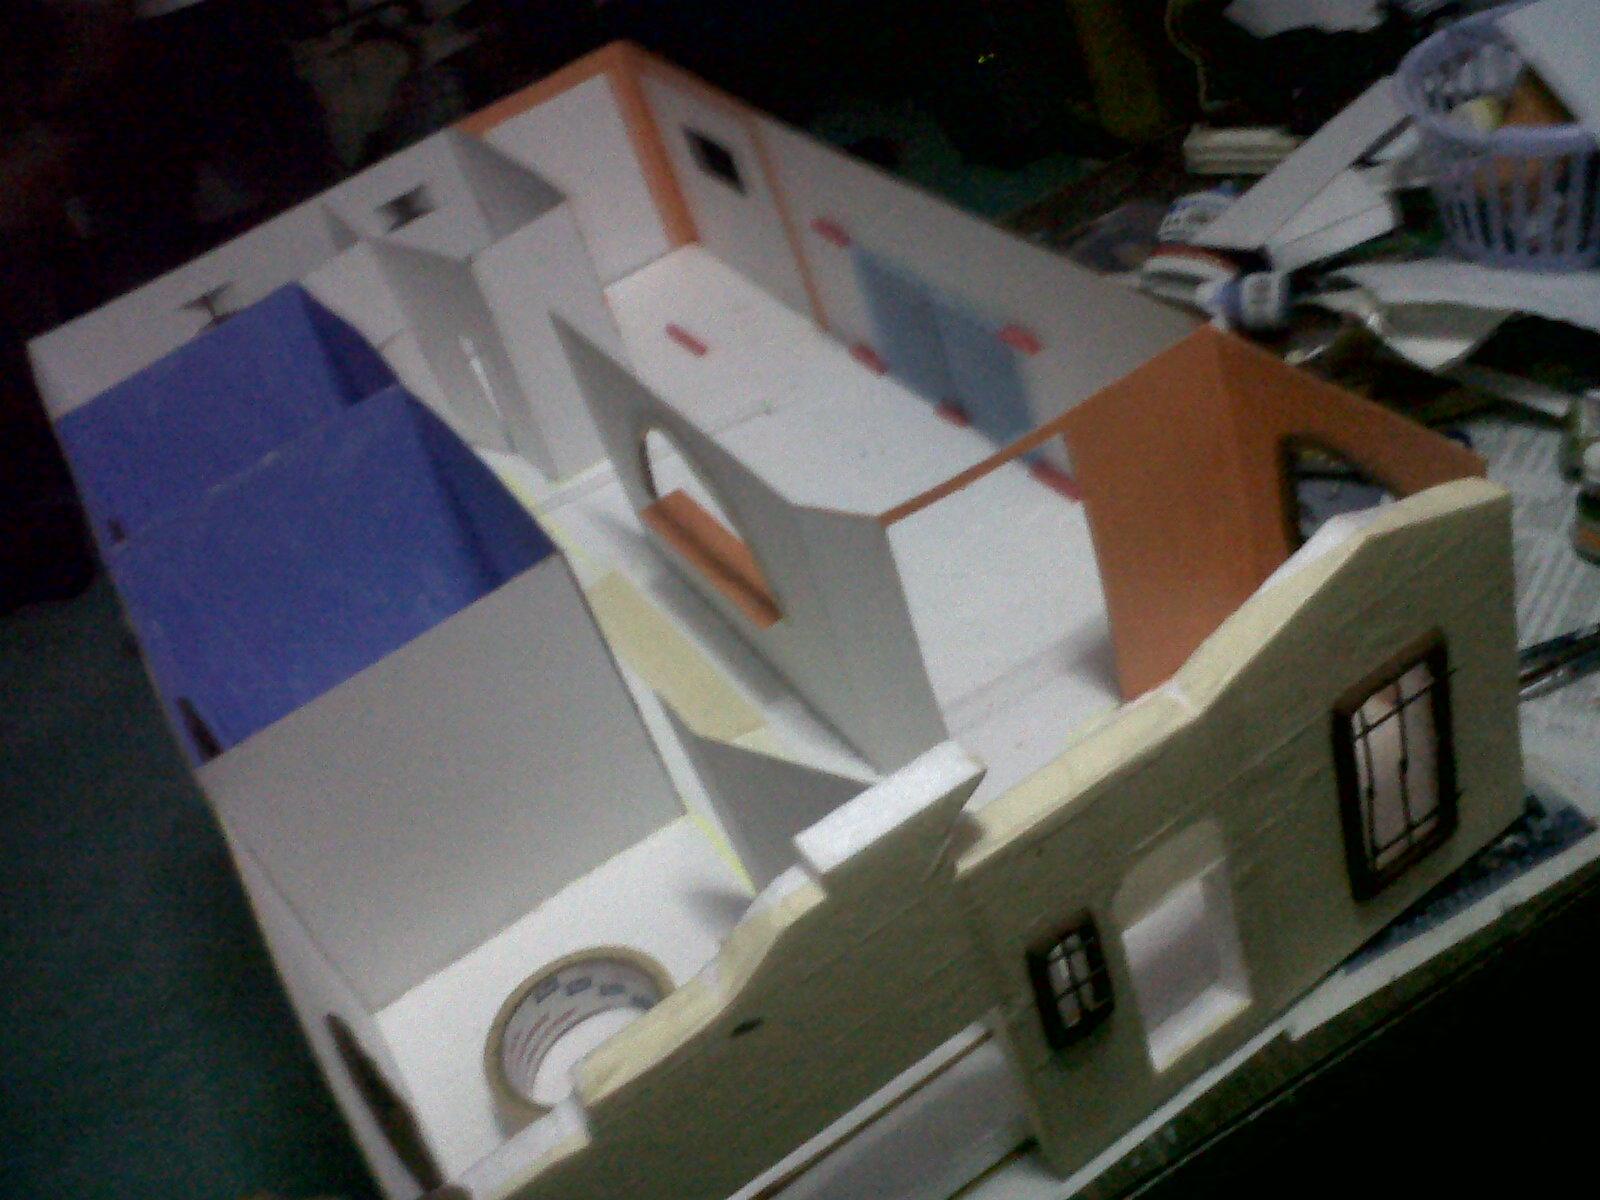 Como hacer maquetas de casas - Como hacer una maqueta de una casa ...